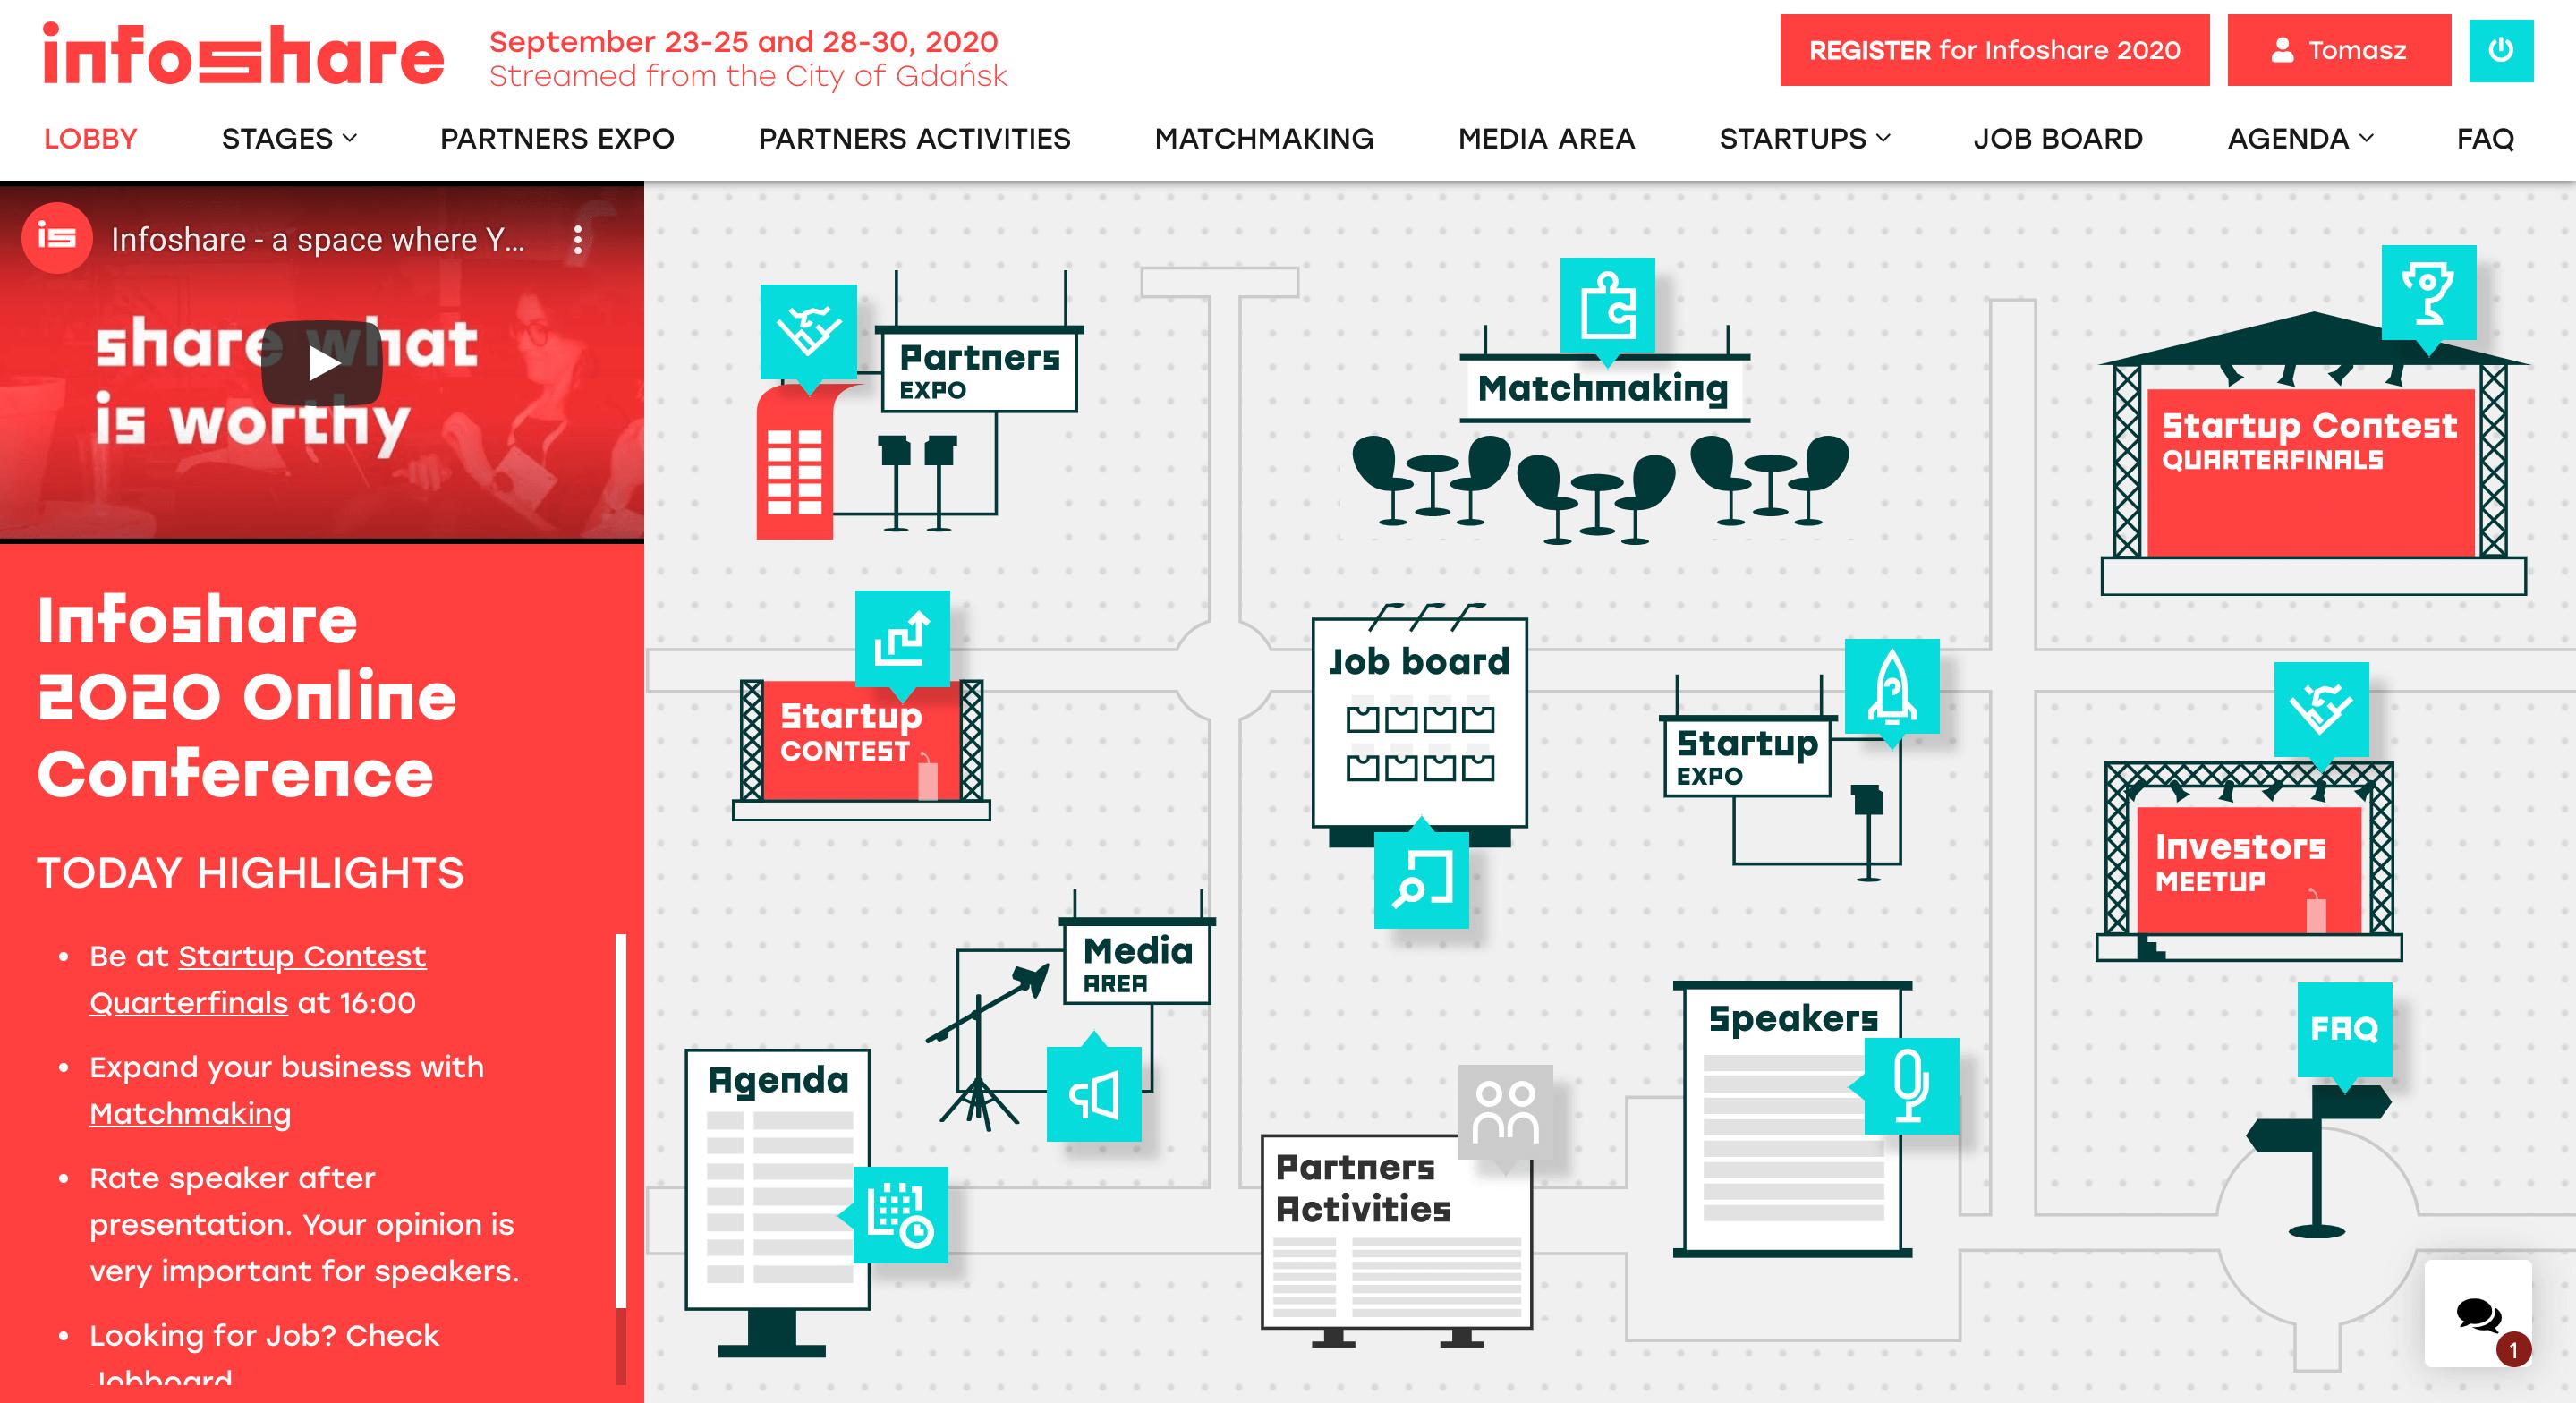 Wirtualne lobby konferencji Infoshare 2020